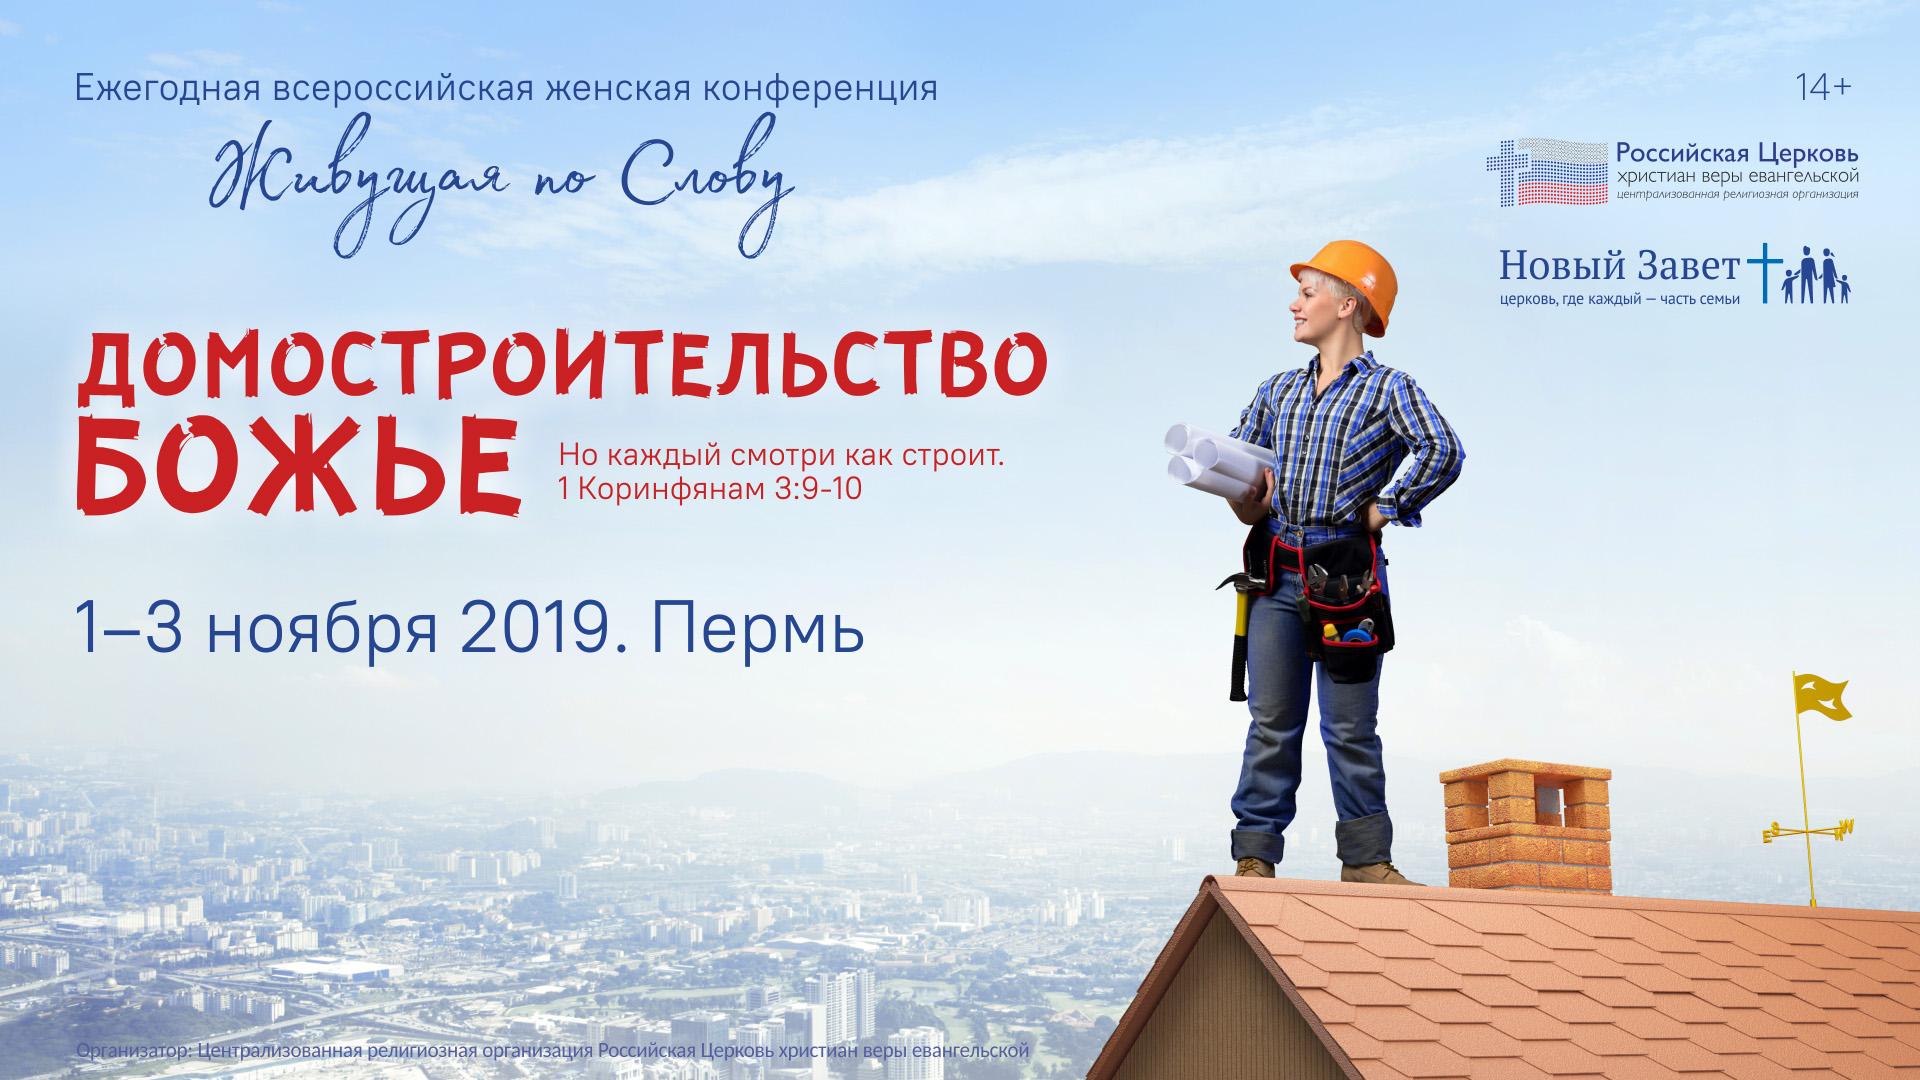 С 1 по 3 ноября в Перми пройдет всероссийская женская конференция «Живущая по Слову»